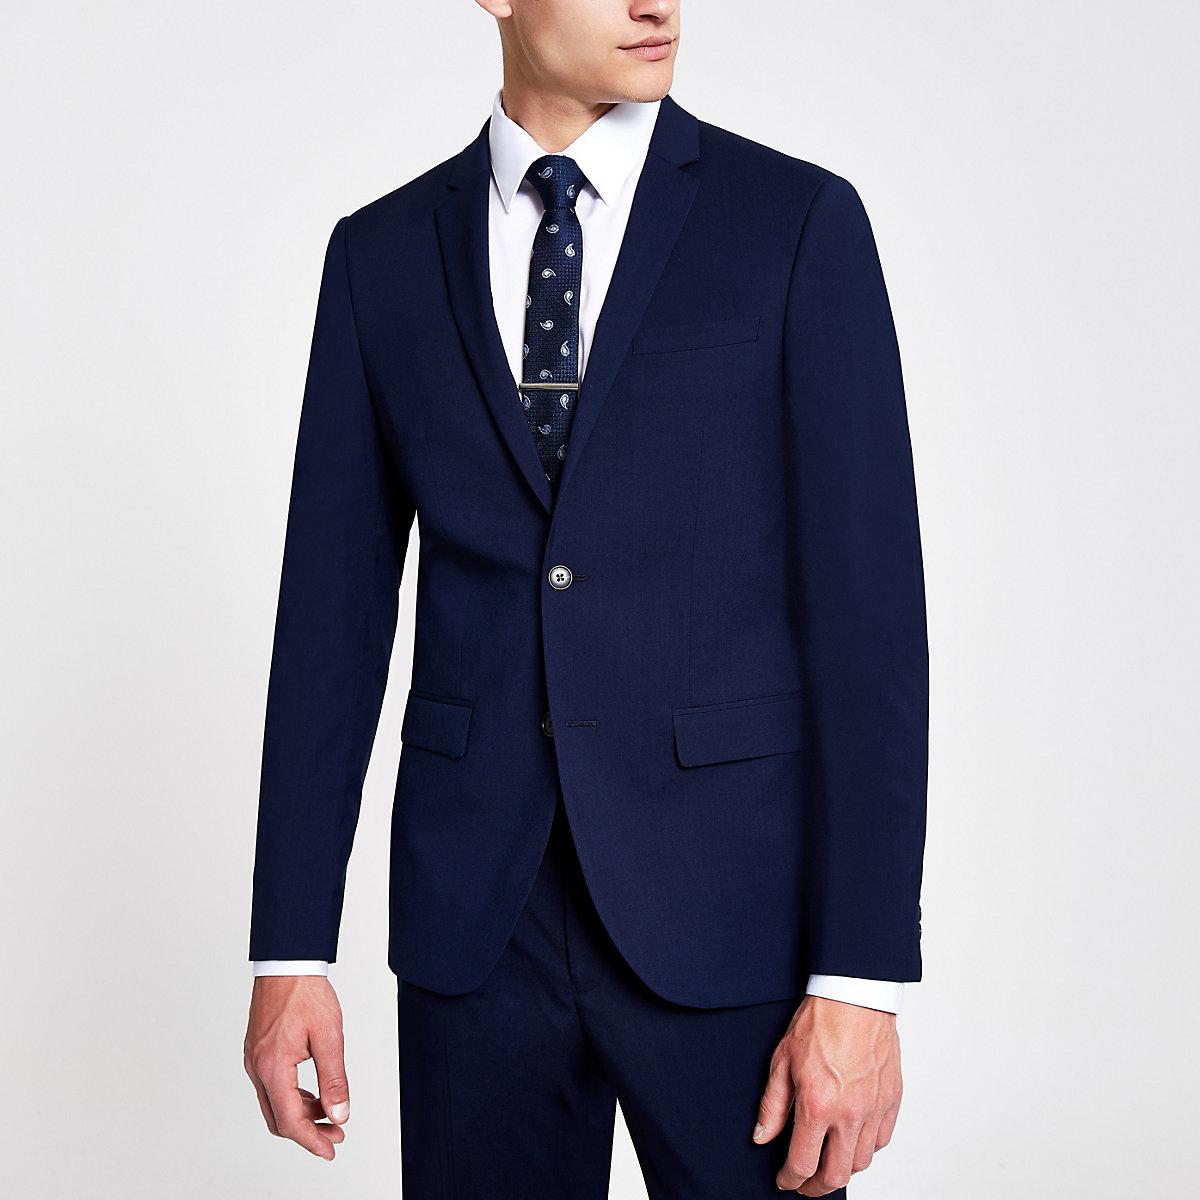 Veste de costume bleu marine cintrée Veste de costume bleu marine cintrée  ... 1cdbce89091